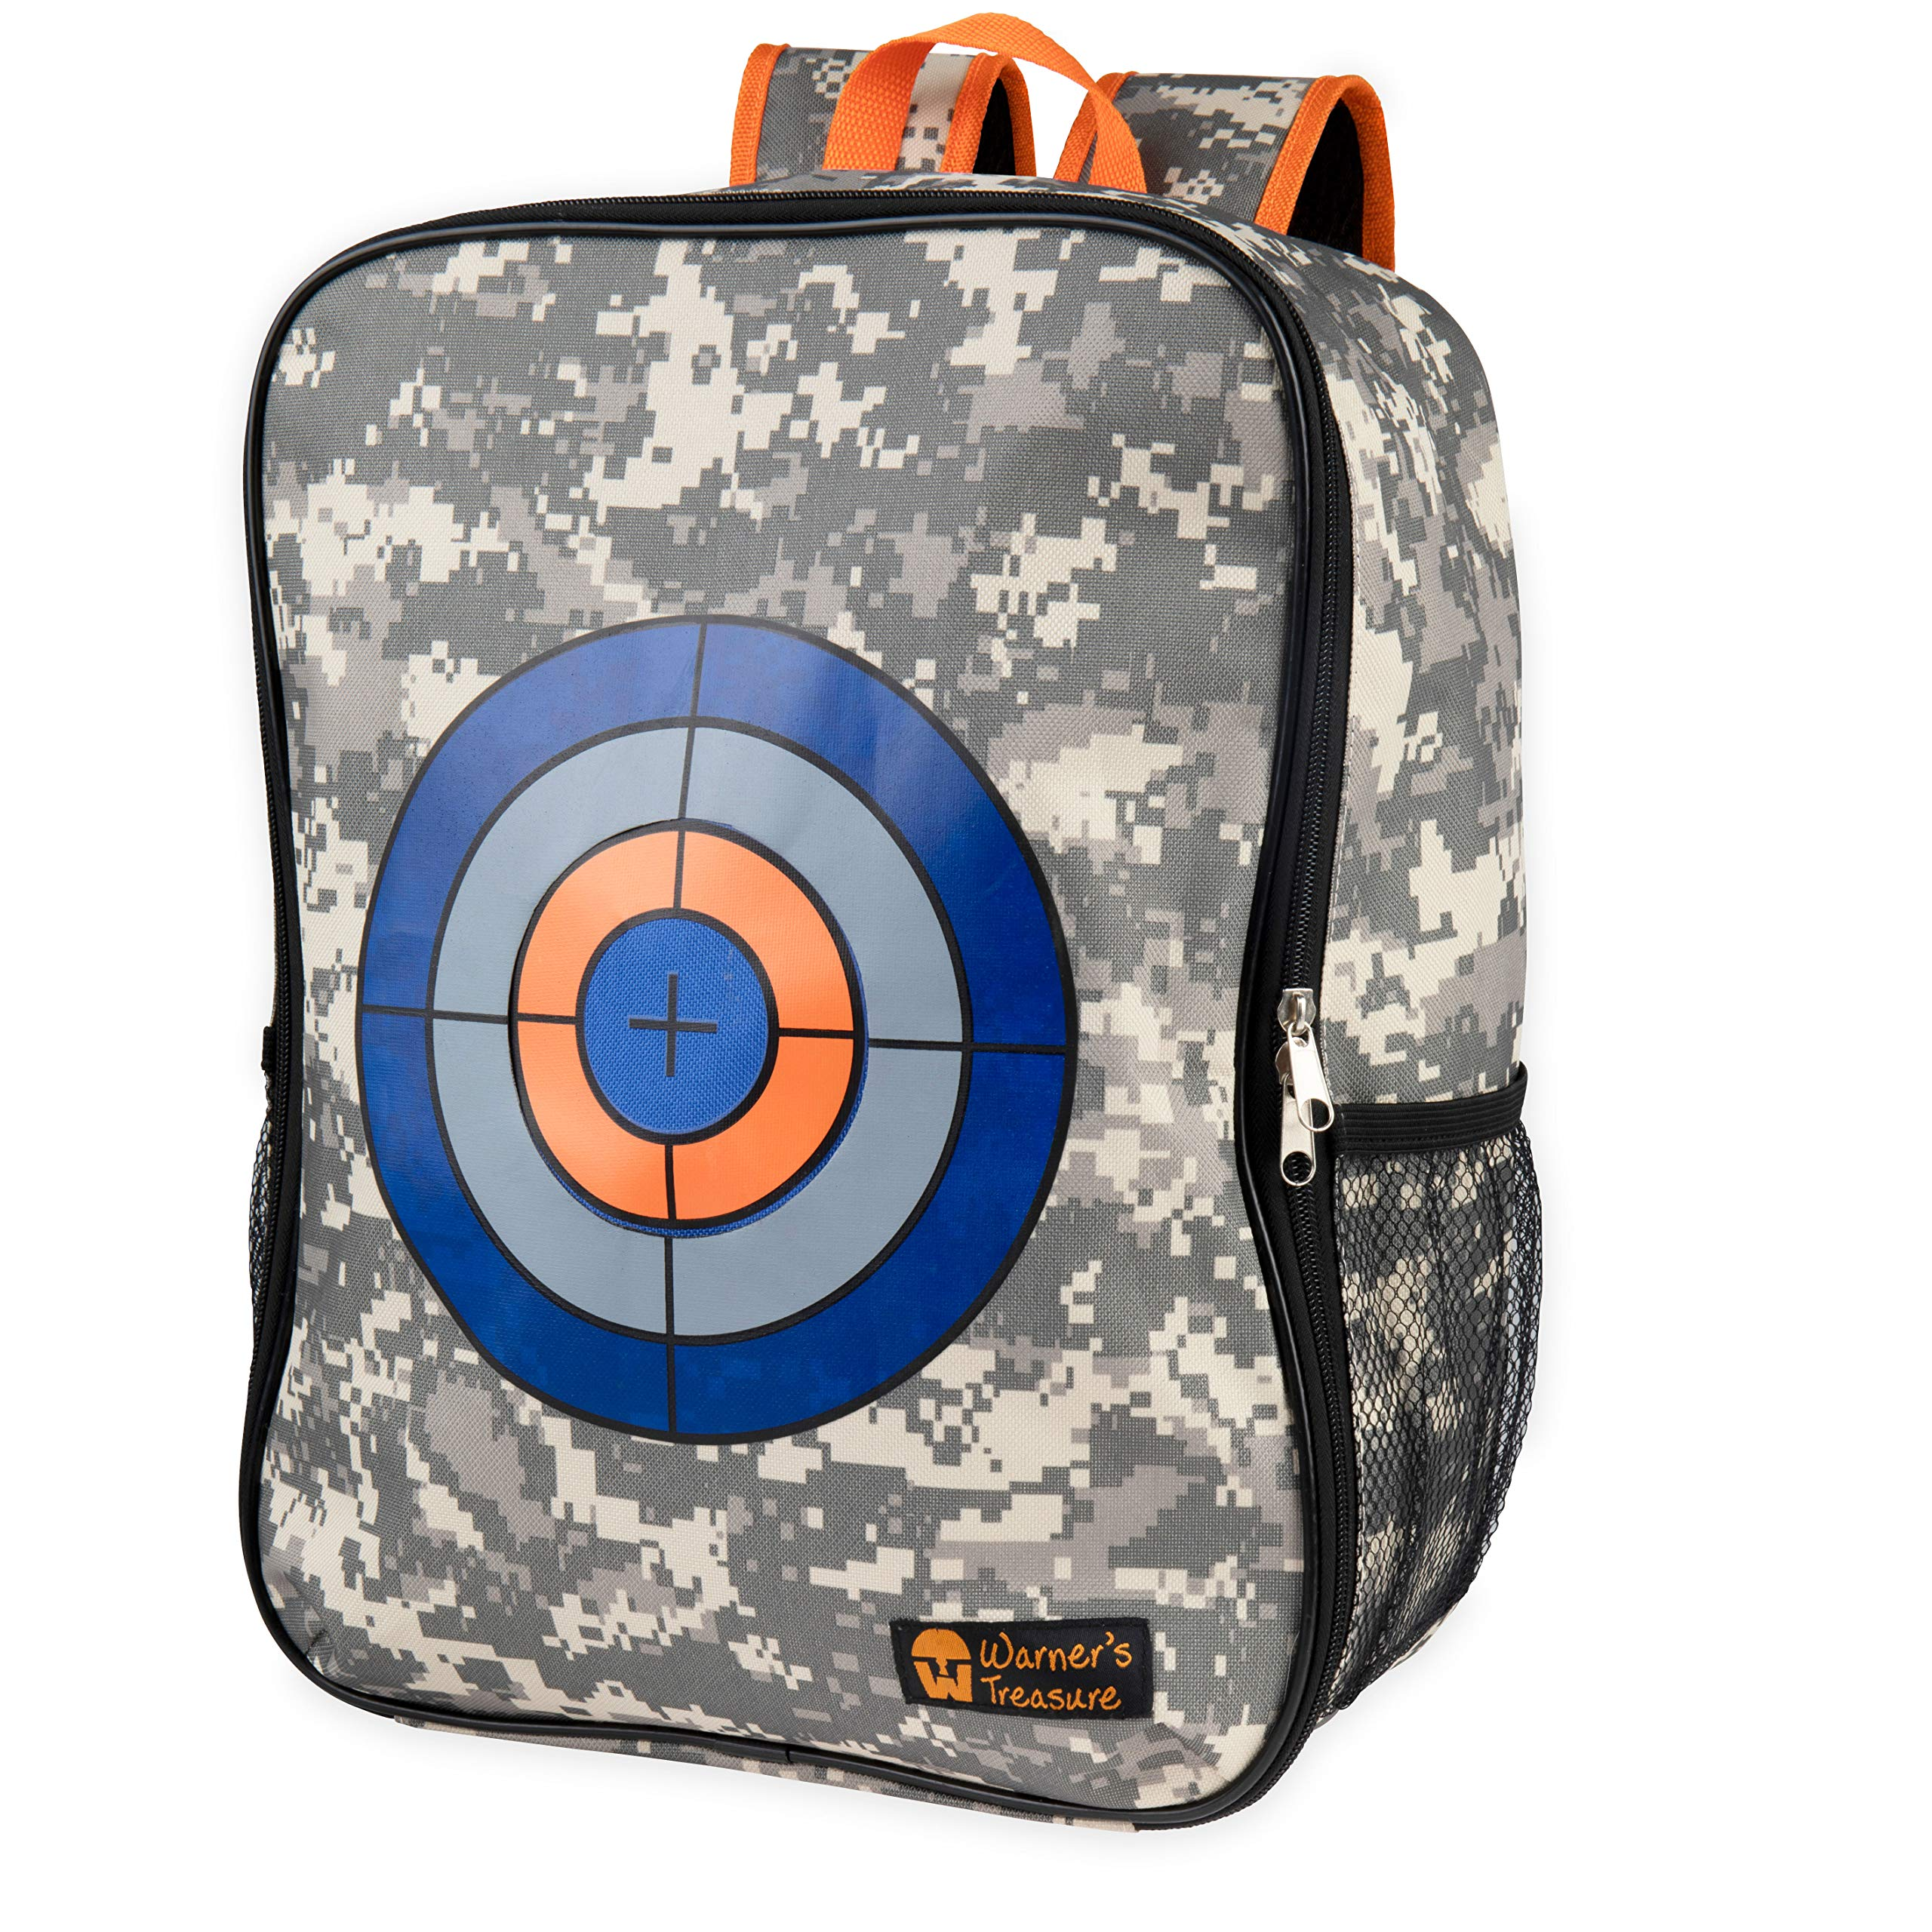 Warners Treasure Target Backpack Storage Carry Equipment Bag for Nerf N-Strike Elite / Mega / Rival Series by Warners Treasure